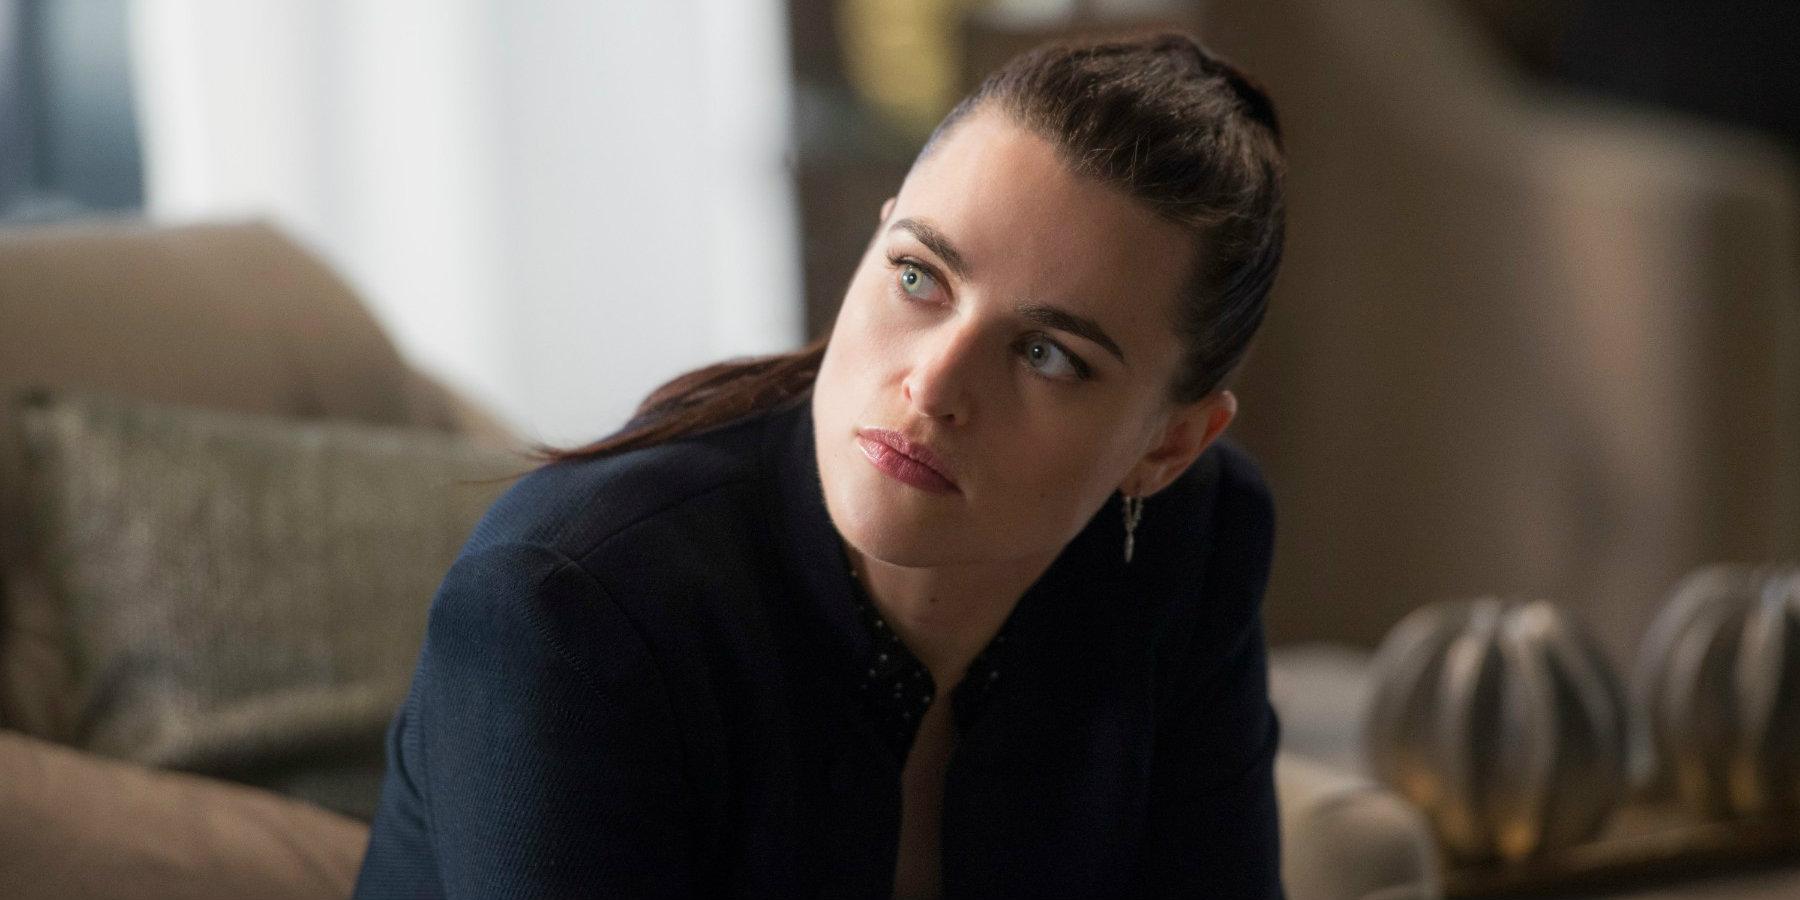 Supergirl Puts Lena Luthor In Danger In For Good Trailer